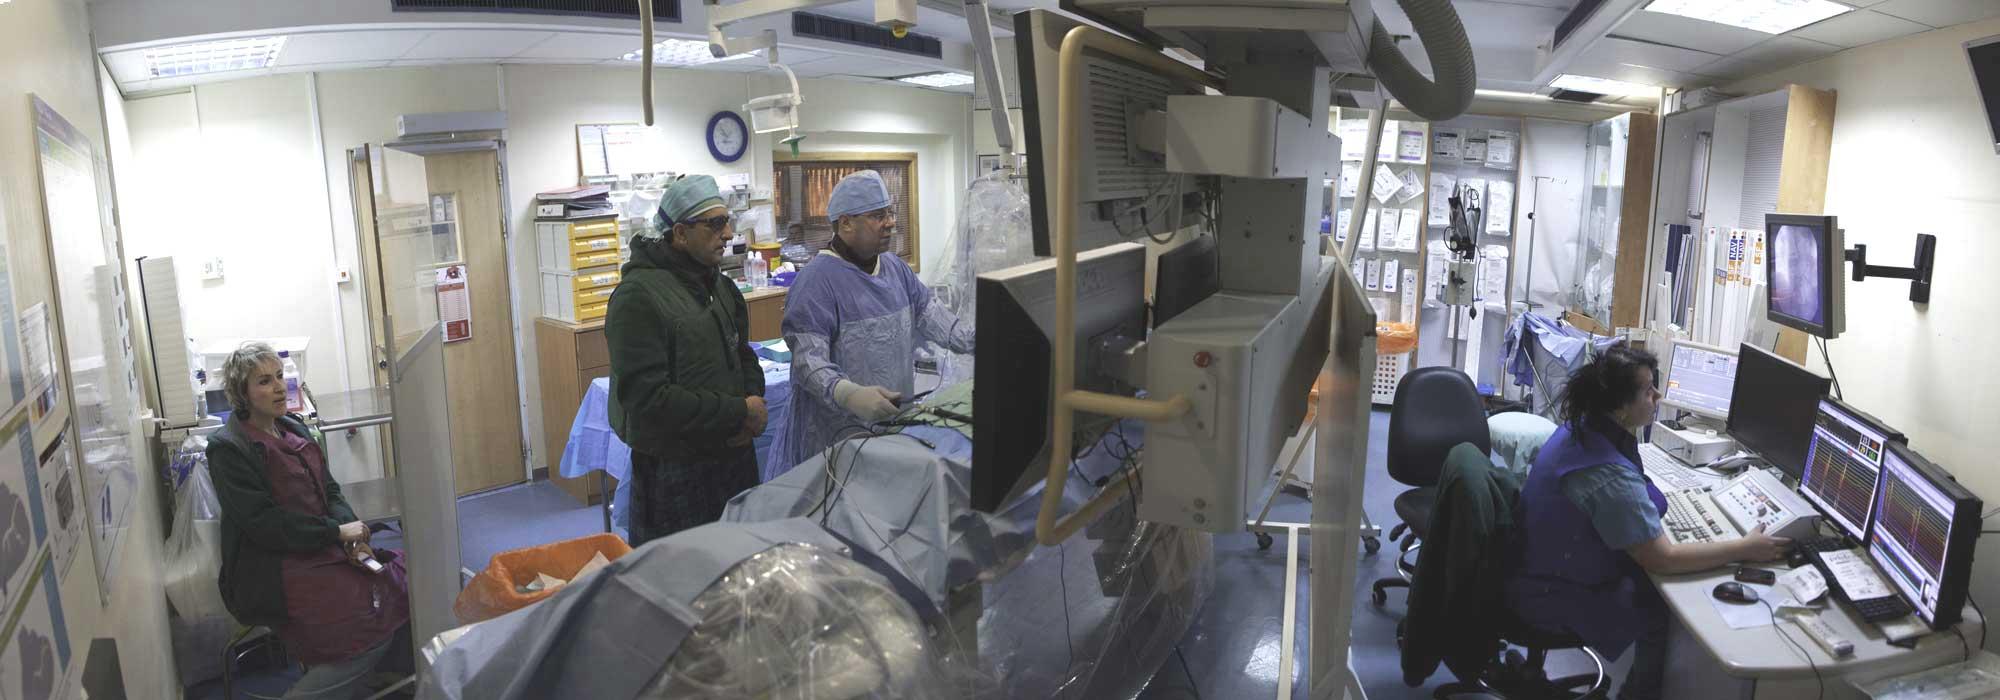 """ד""""ר רון סלע במרכז הרפואי לגליל מבצע השתלת קוצב לב עם צוות רופאים"""